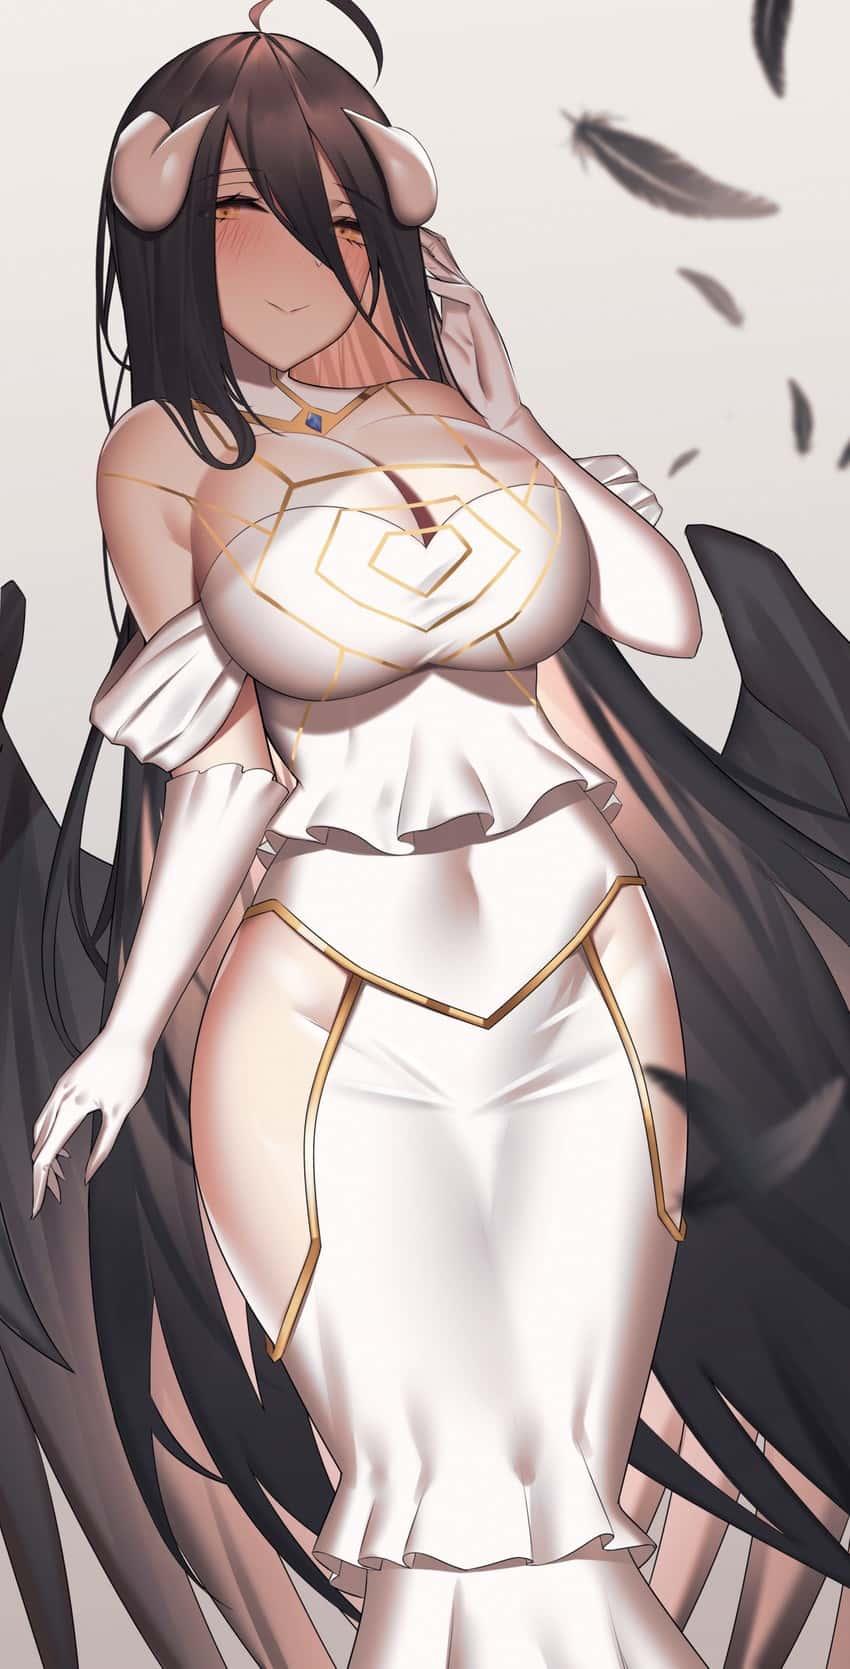 albedo overlord330 - 【オーバーロード】アルベドのエロ画像:イラスト その10